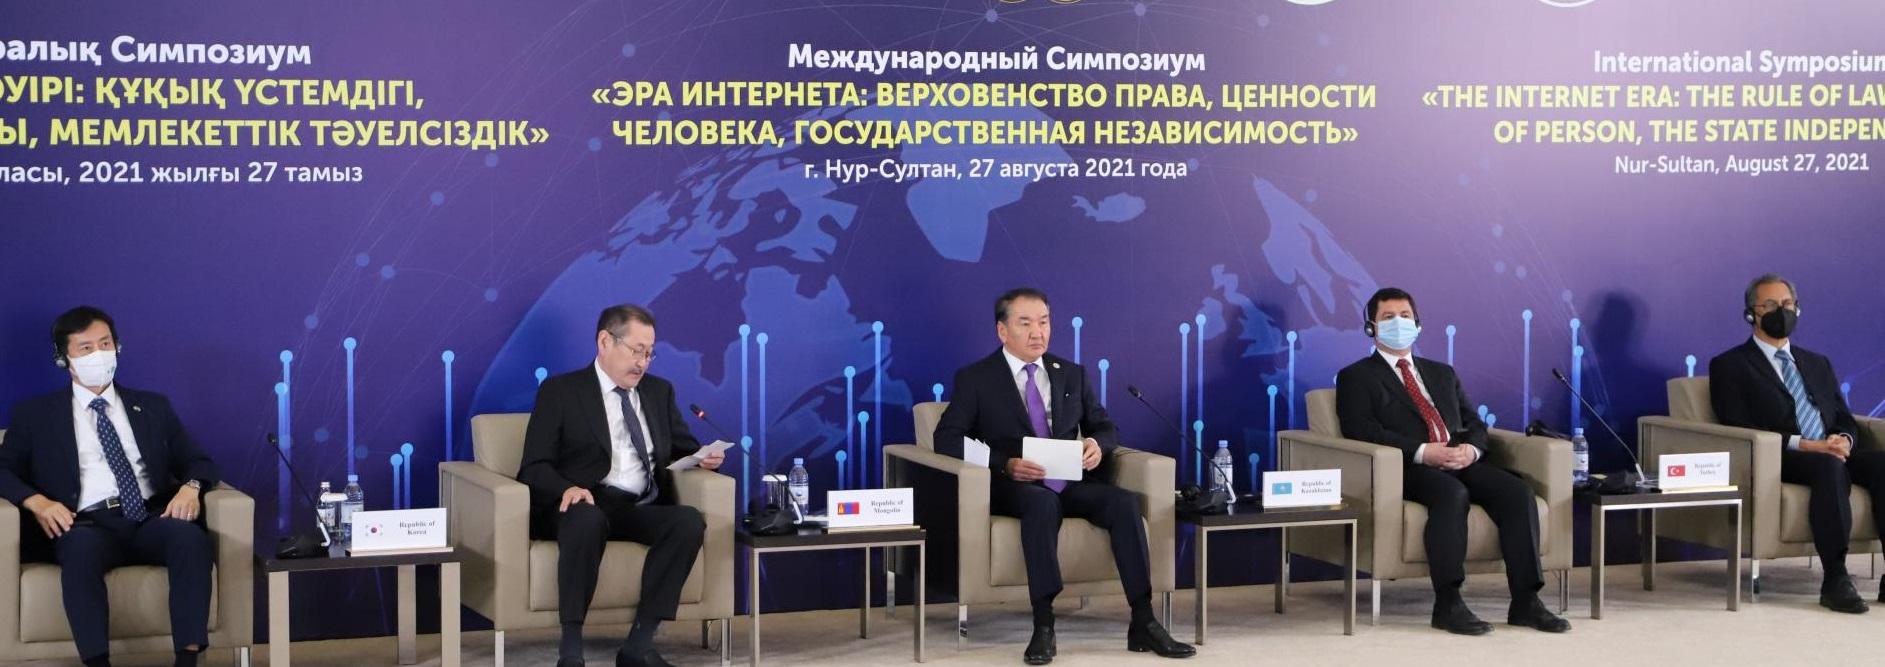 International Symposium Successfully Held in Kazakhstan